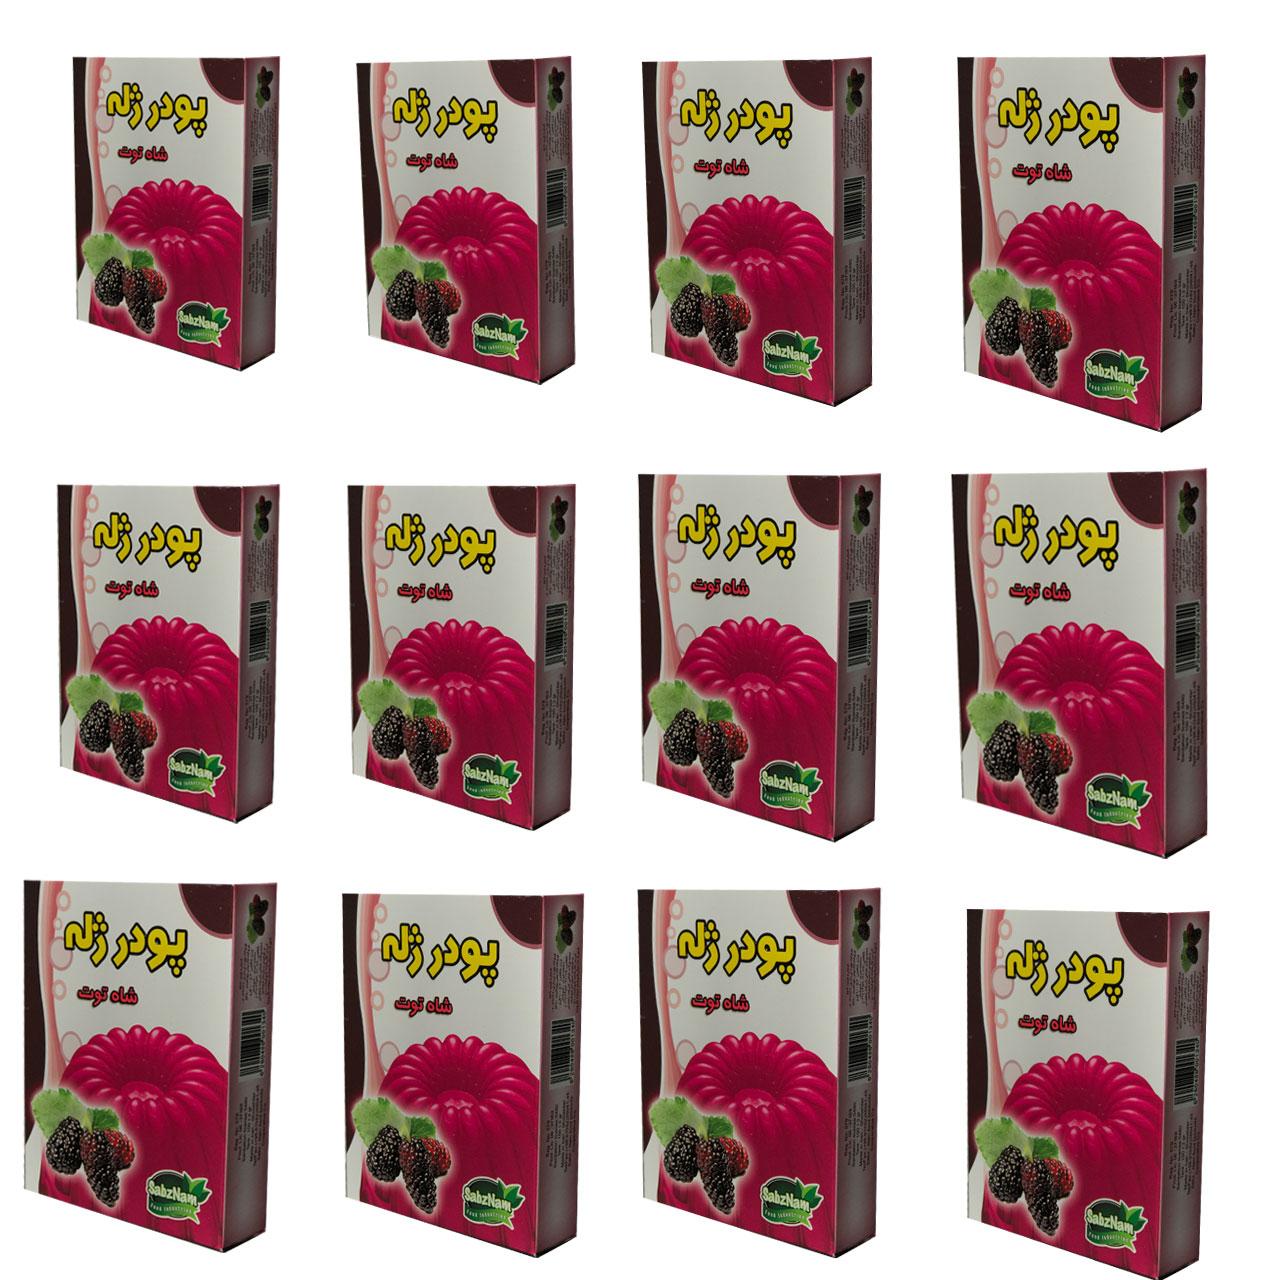 ژله شاه توت سبزنام - 100گرم مجموعه 12 عددی